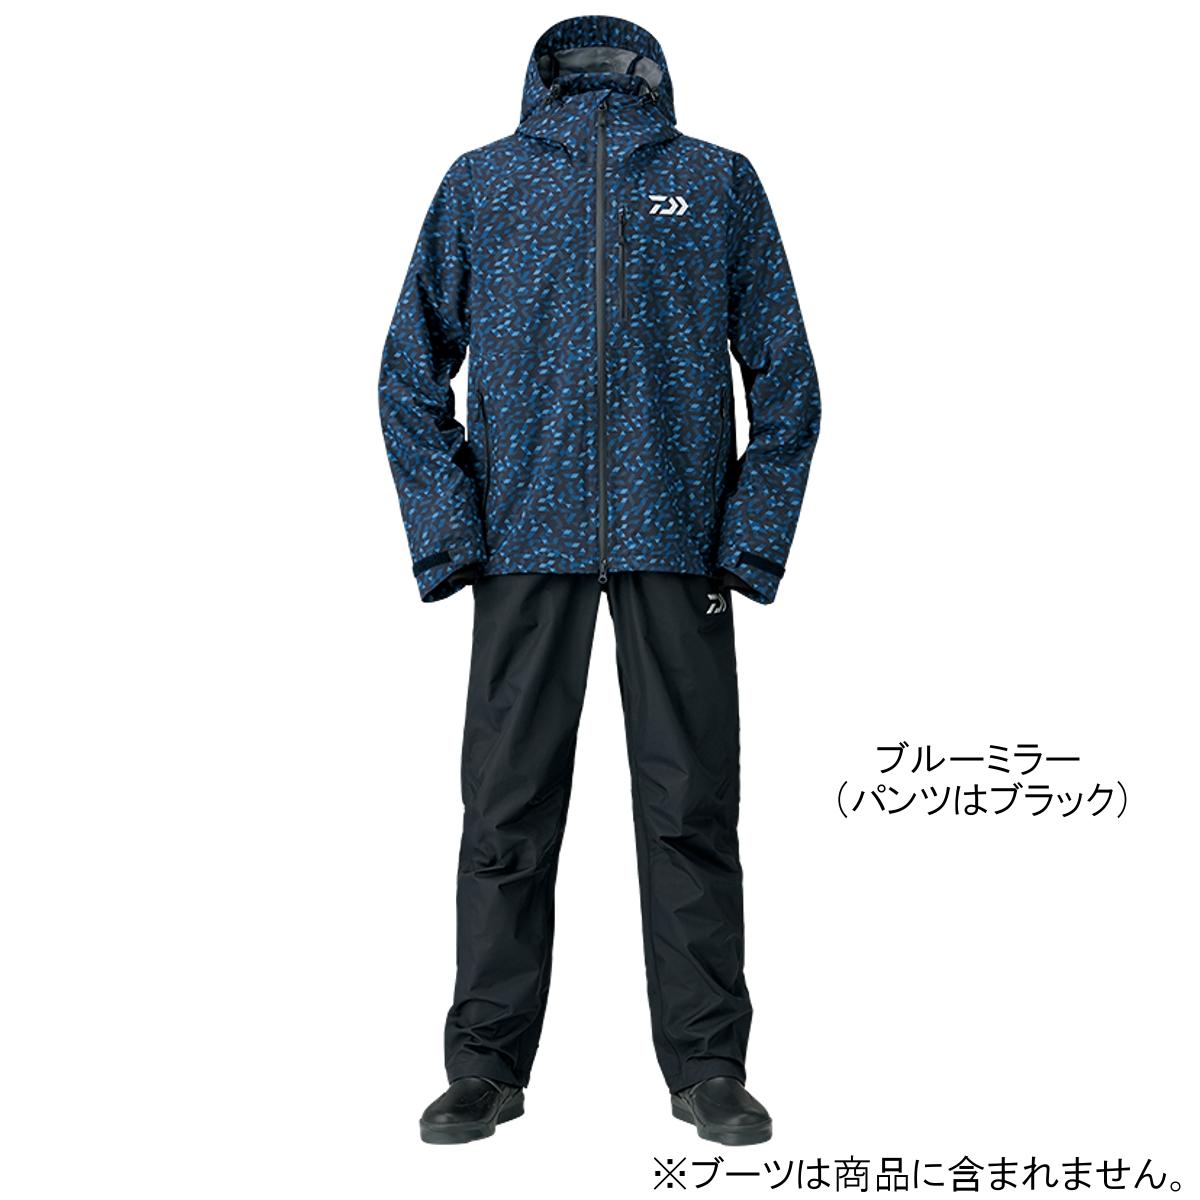 ダイワ レインマックス レインスーツ DR-33008 2XL ブルーミラー(東日本店)